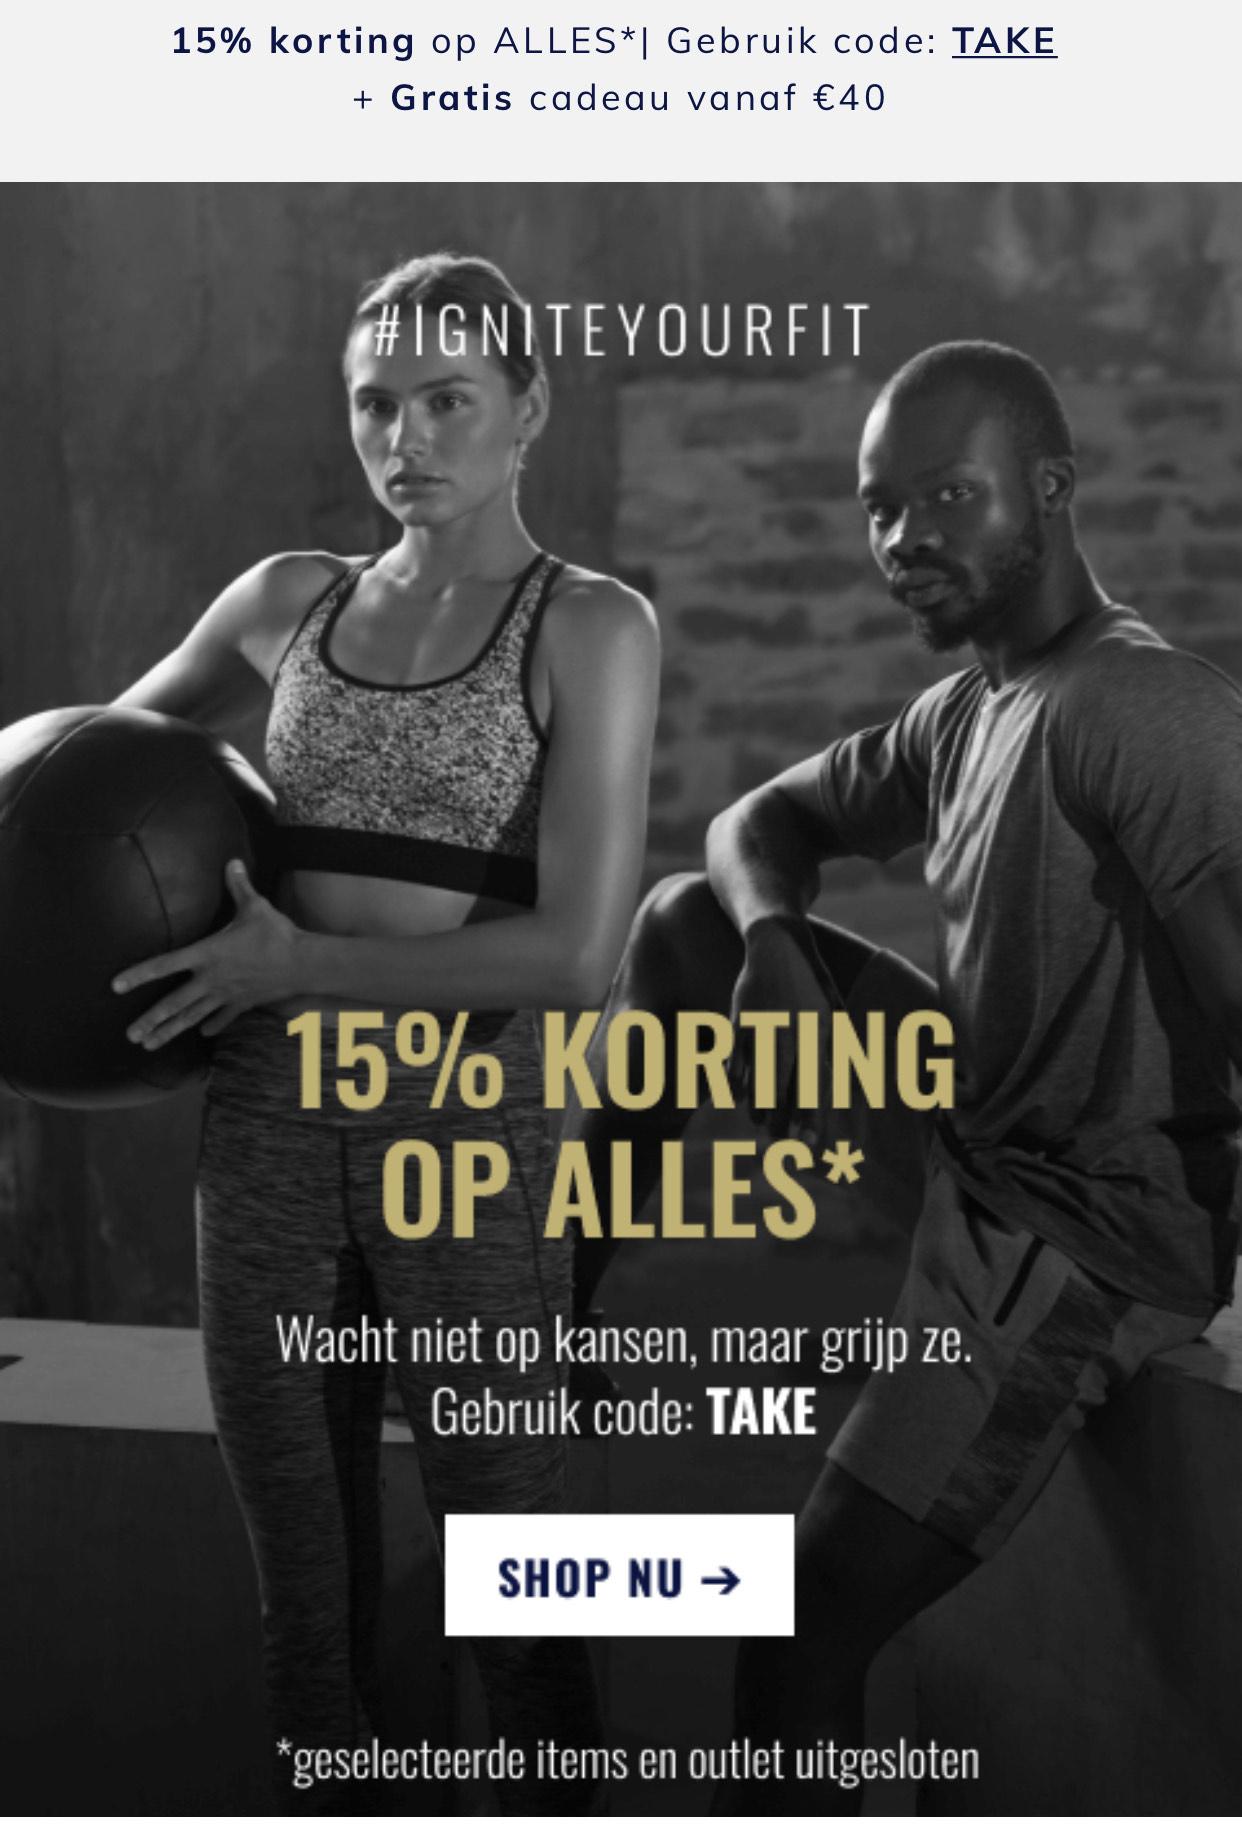 15% korting op alles bij bodyandfit